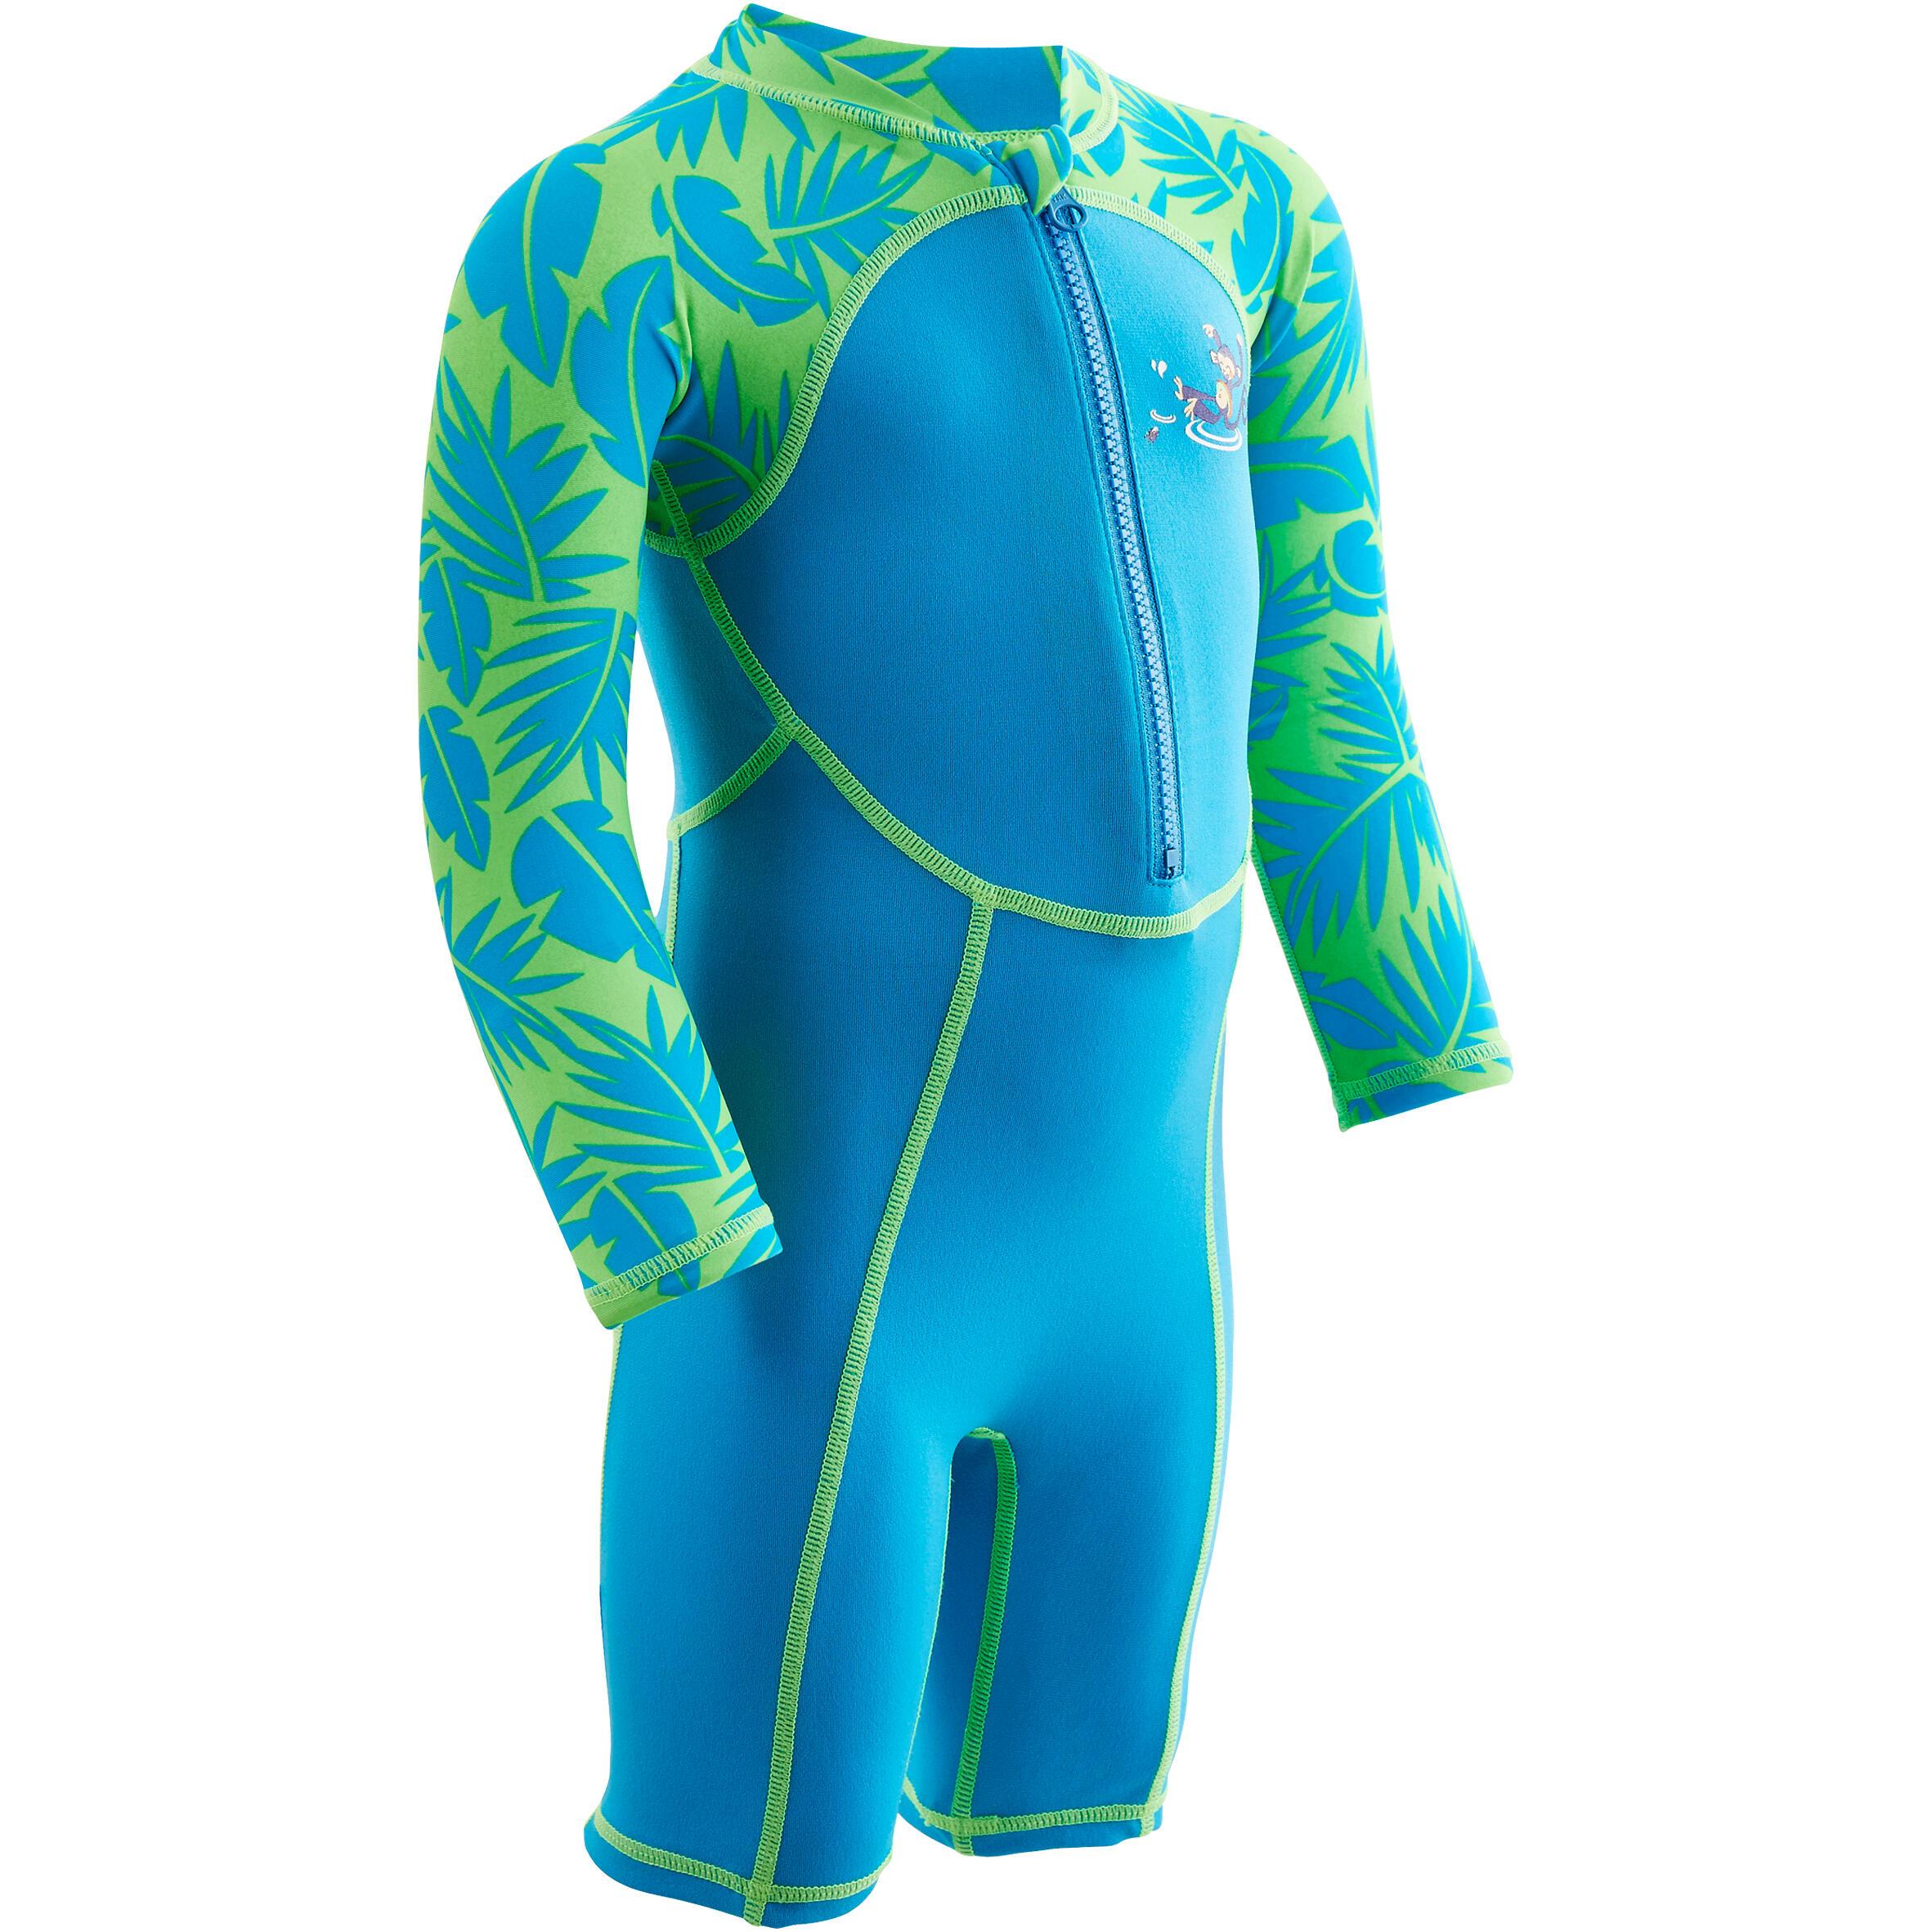 Baby,Kinder,Jungen,Kinder Schwimmanzug Shorty langarm Baby Print Monkey blau/grün | 03583788142300